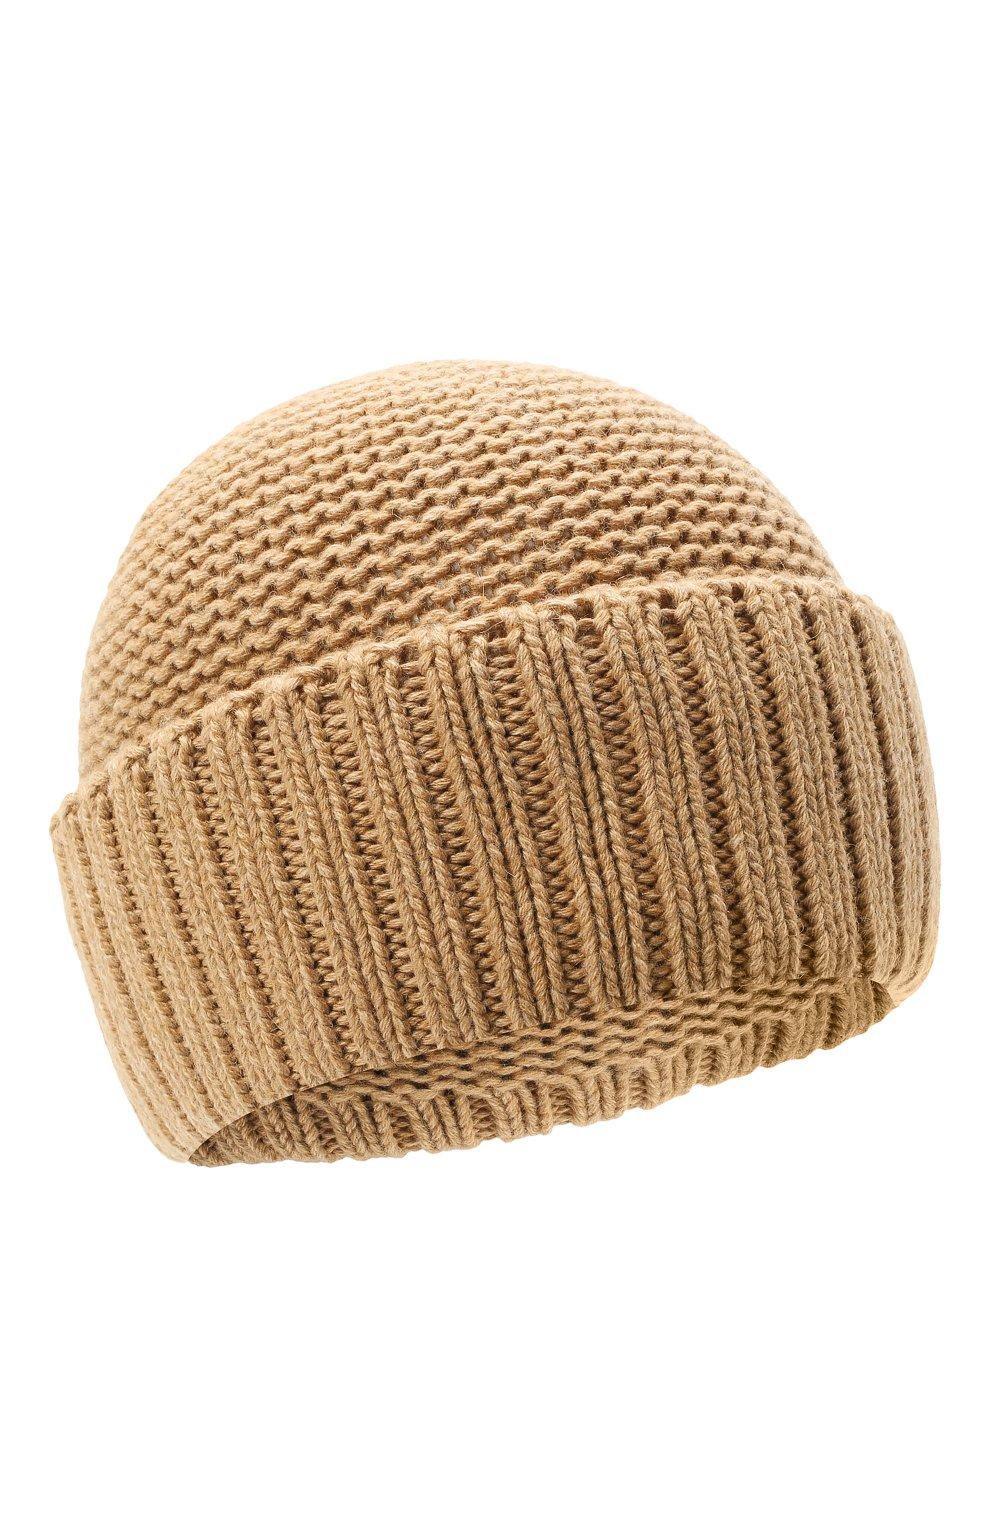 Женская шапка BILANCIONI бежевого цвета, арт. 4901CM   Фото 1 (Материал: Текстиль, Шерсть, Вискоза)